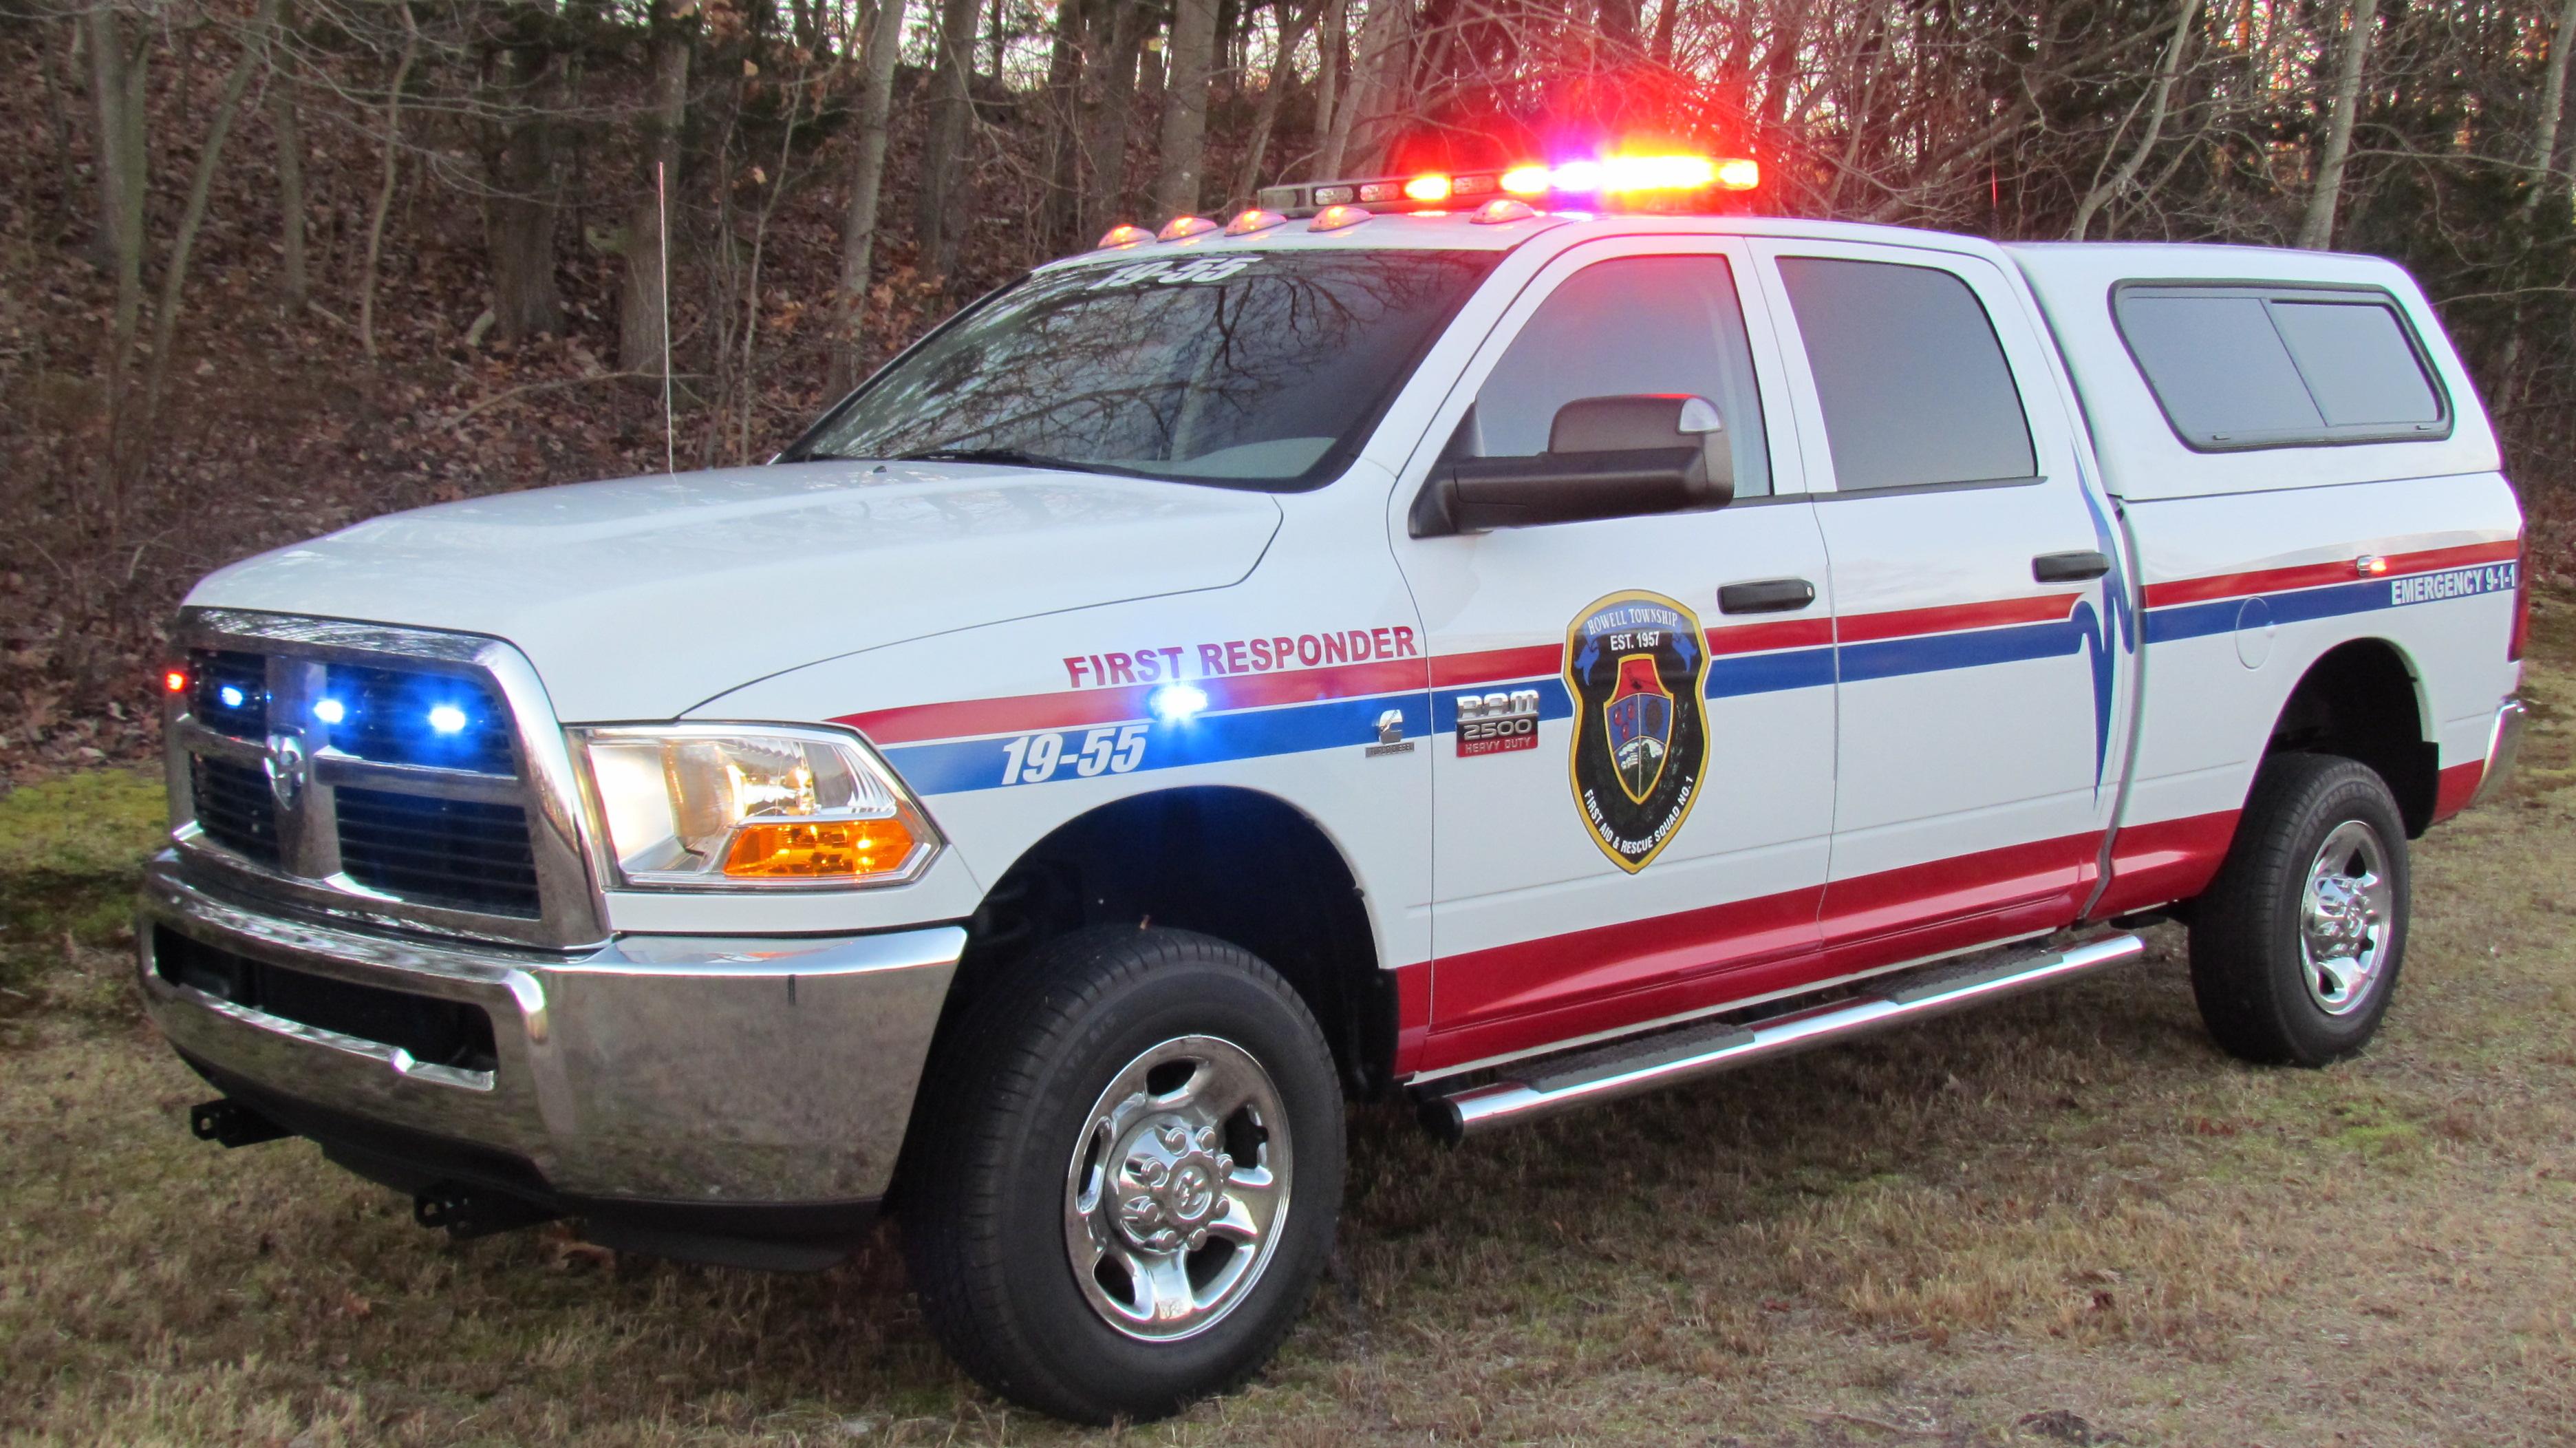 19-55 (2012 Dodge Ram 2500 4x4 diesel)